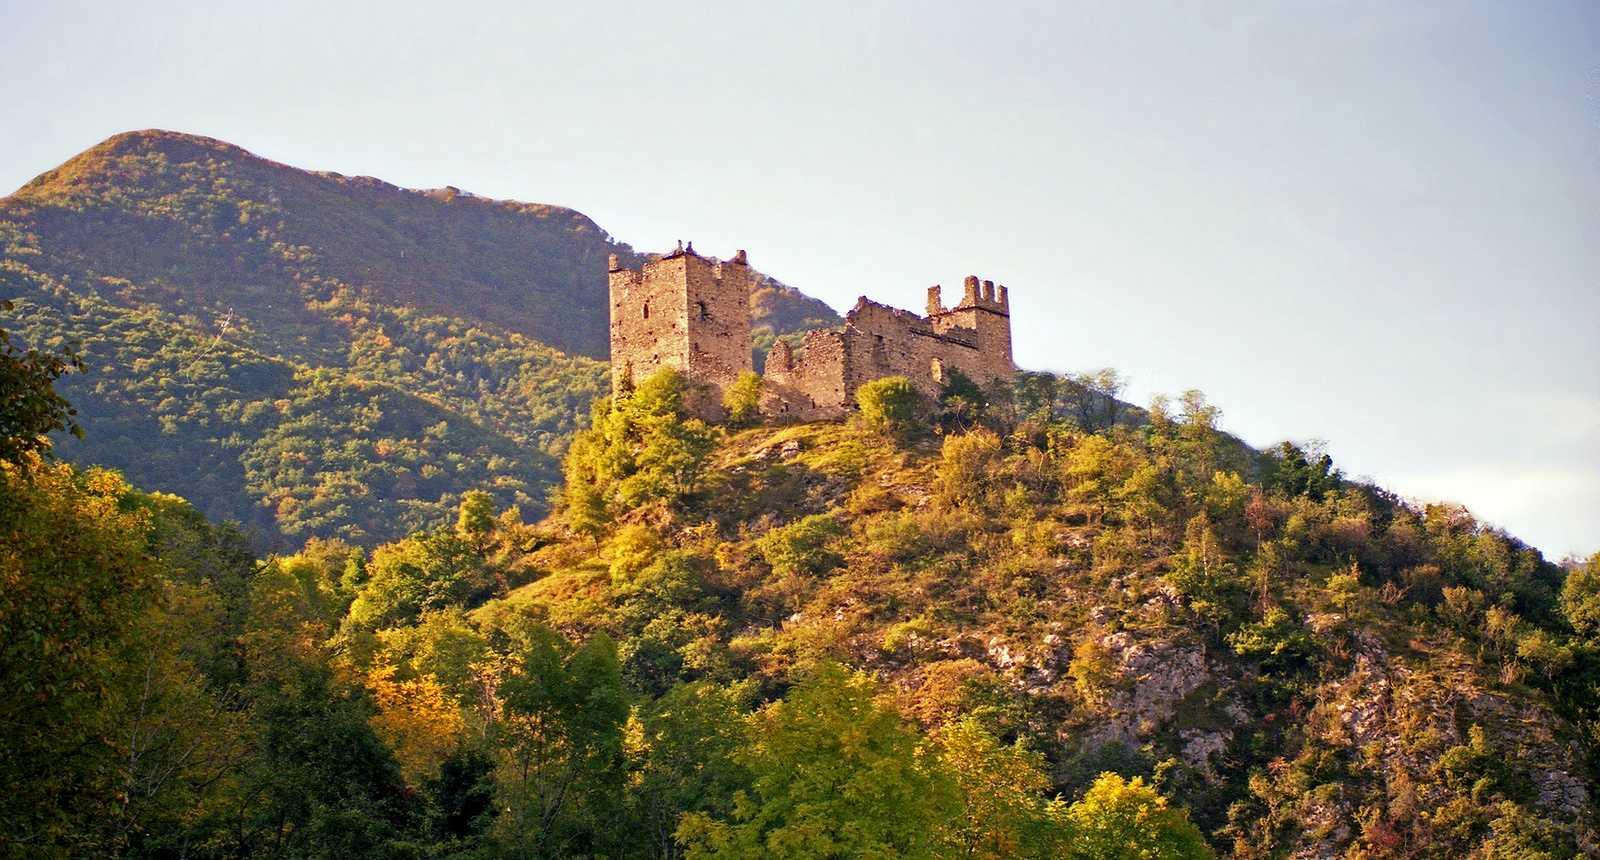 Les ruines du Château de Montségur